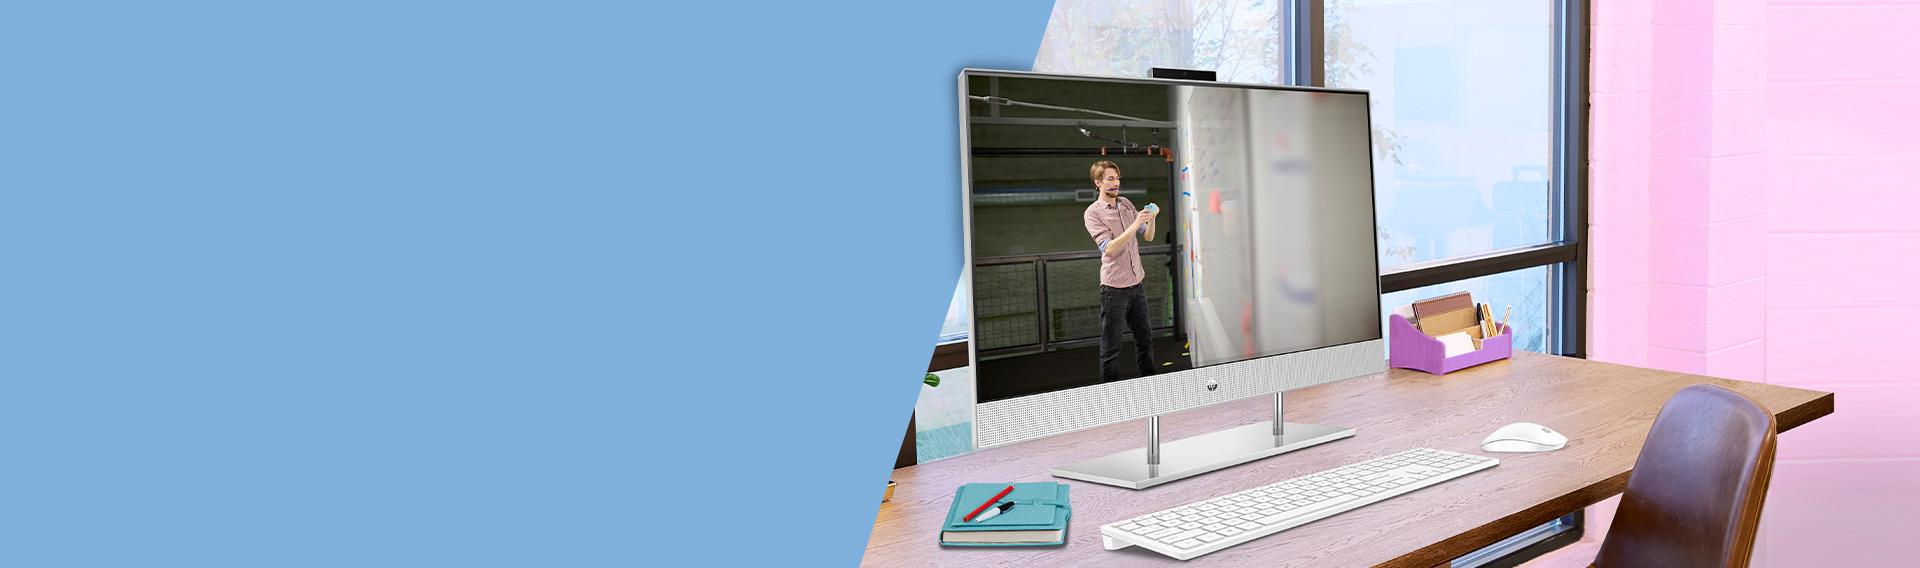 HP ALL IN ONE. Construidas con diseño e innovación inteligente.